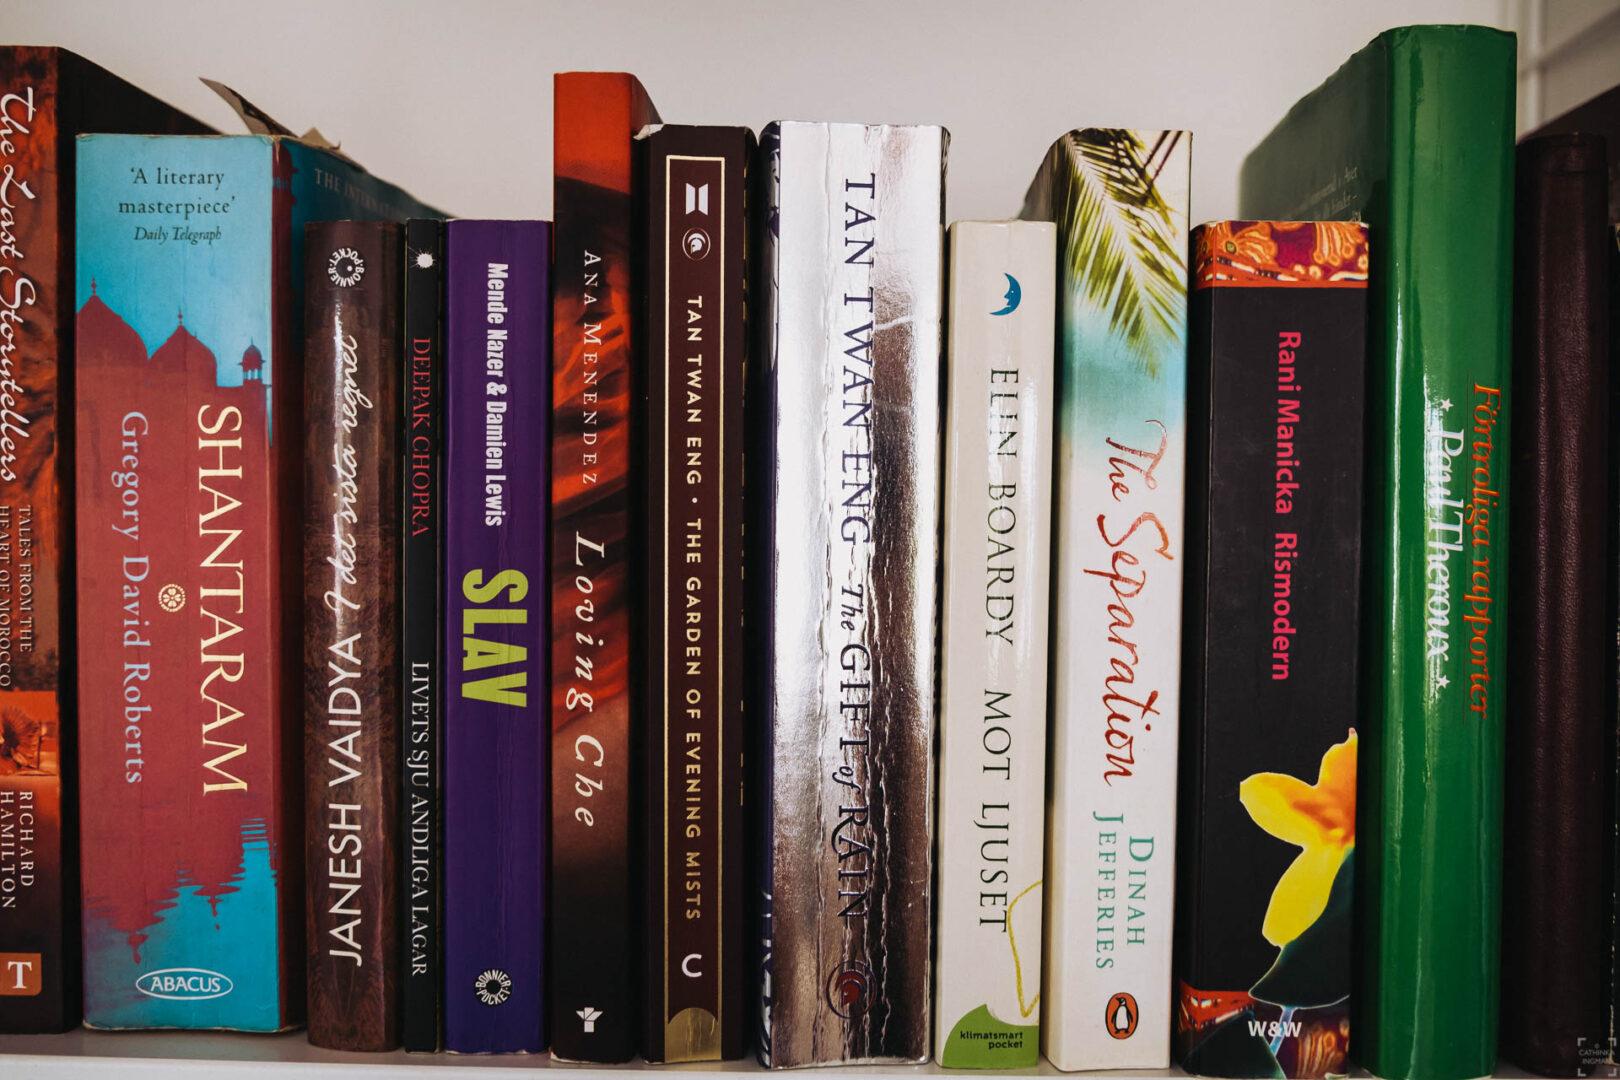 Resebibliotek Malaysia - Böcker som utspelar sig i Malaysia